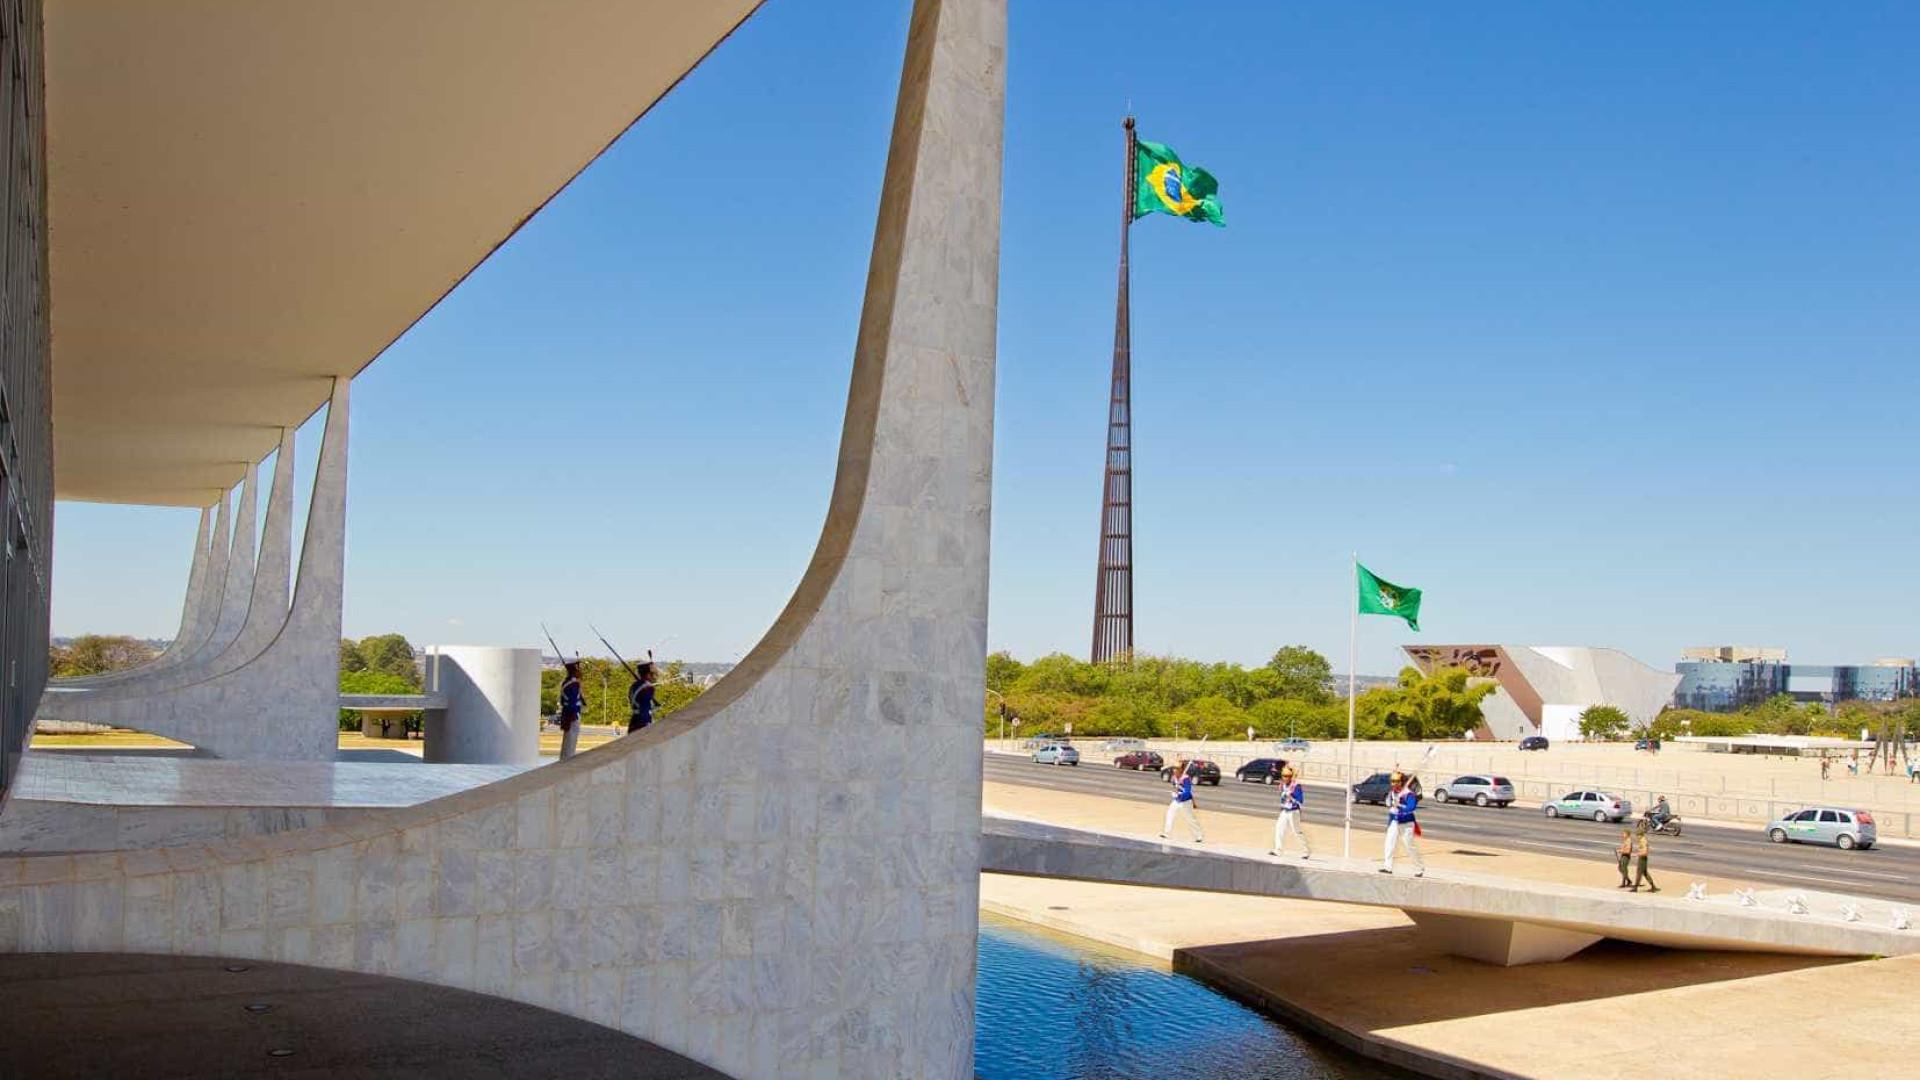 Governo gastou mais de R$ 50 mi com festividades e homenagens em 2017